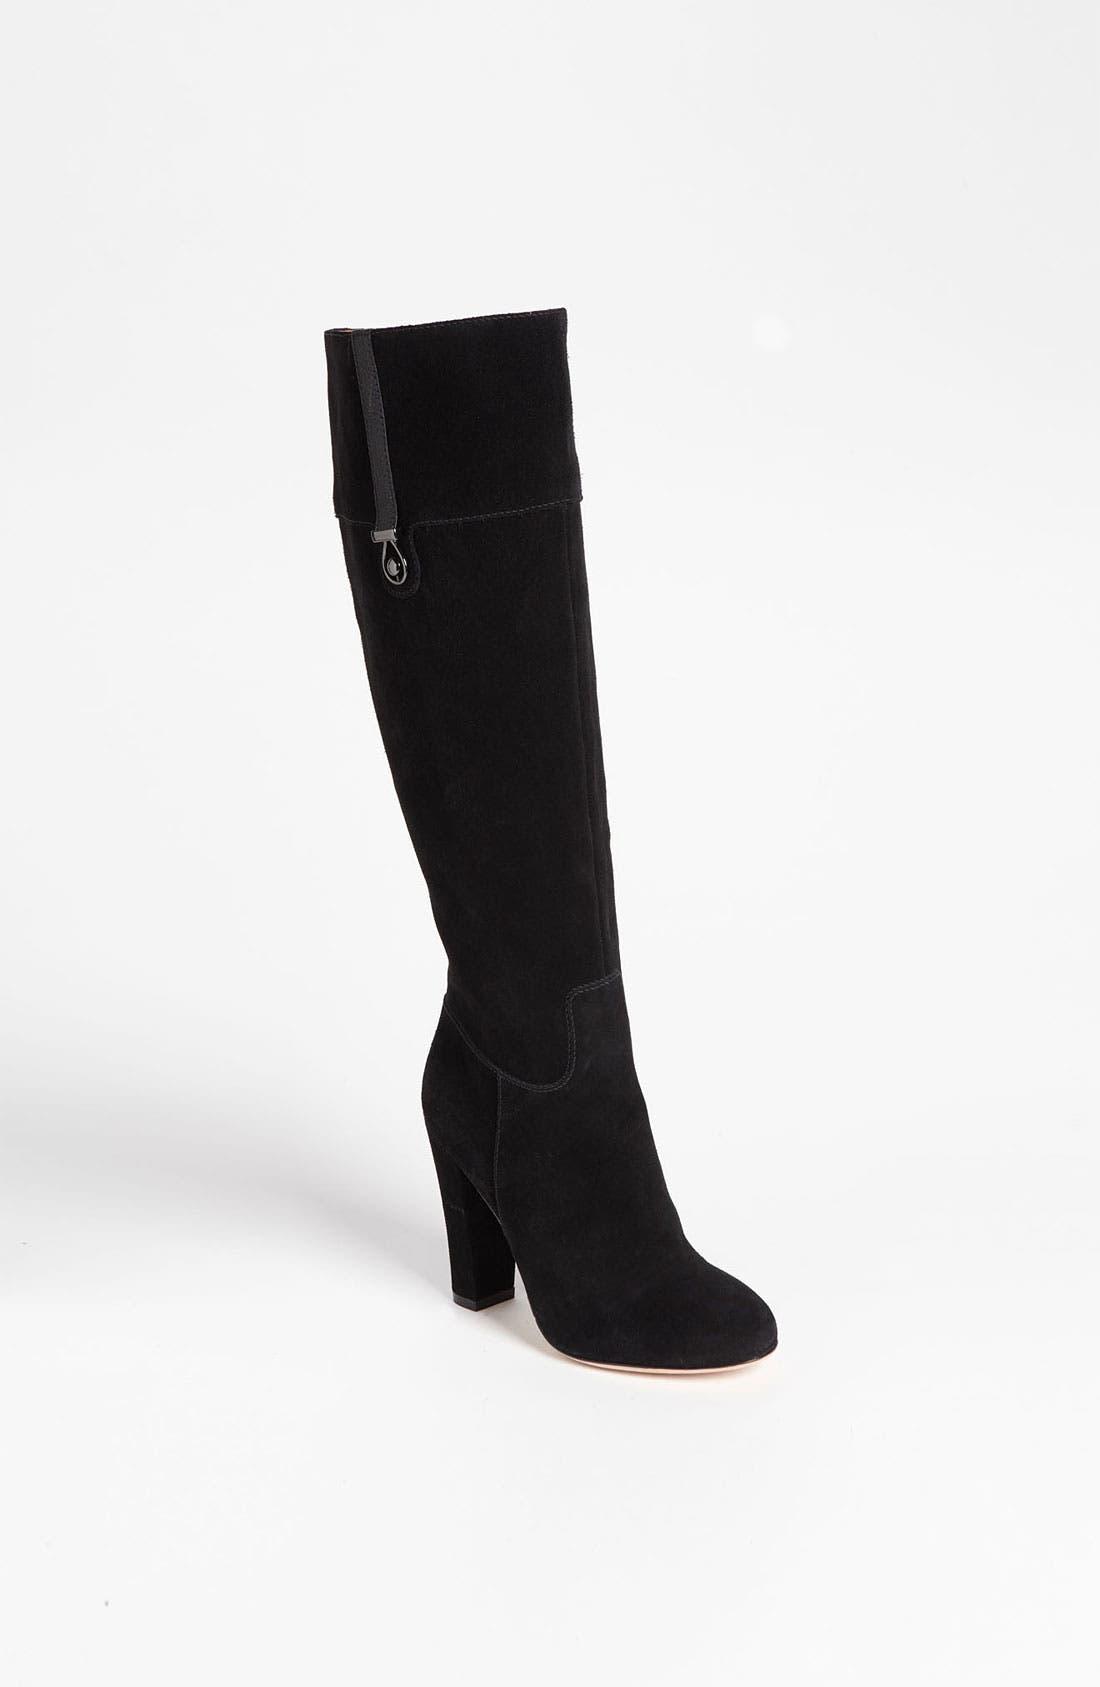 Alternate Image 1 Selected - Joan & David 'Sterla' Boot